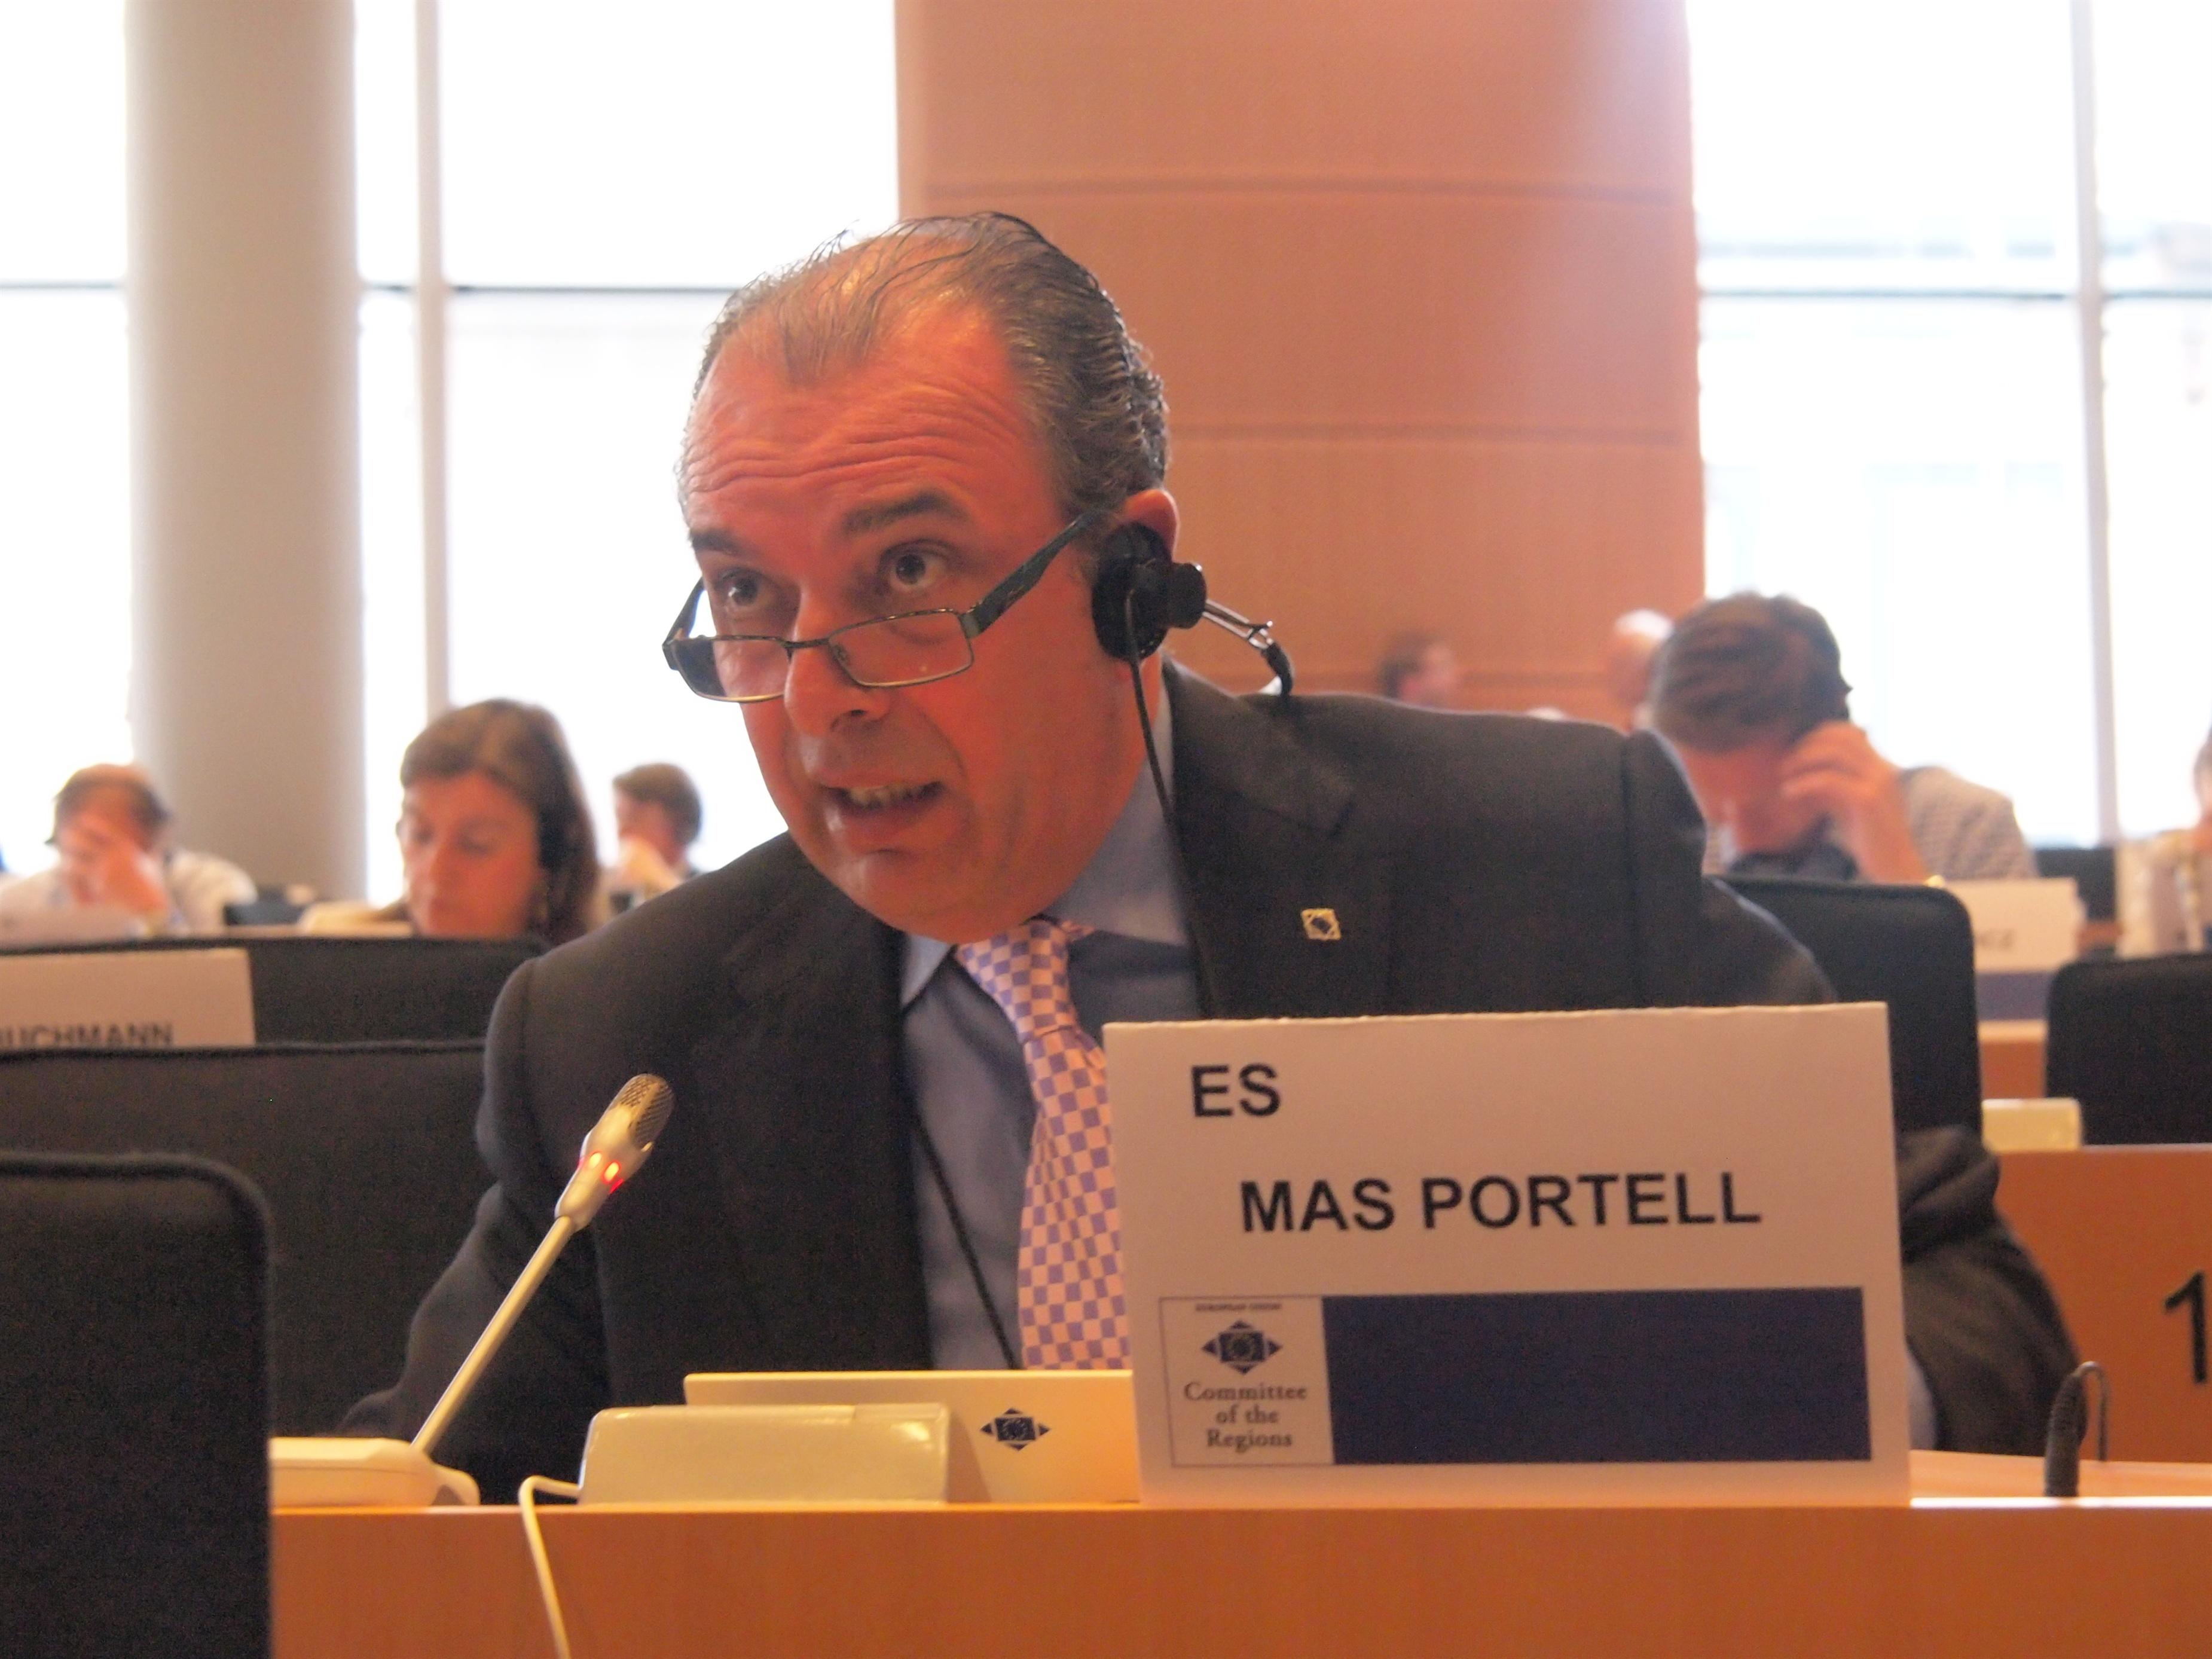 El Comité de Regiones aprueba tres enmiendas presentadas por Baleares en materia de energía